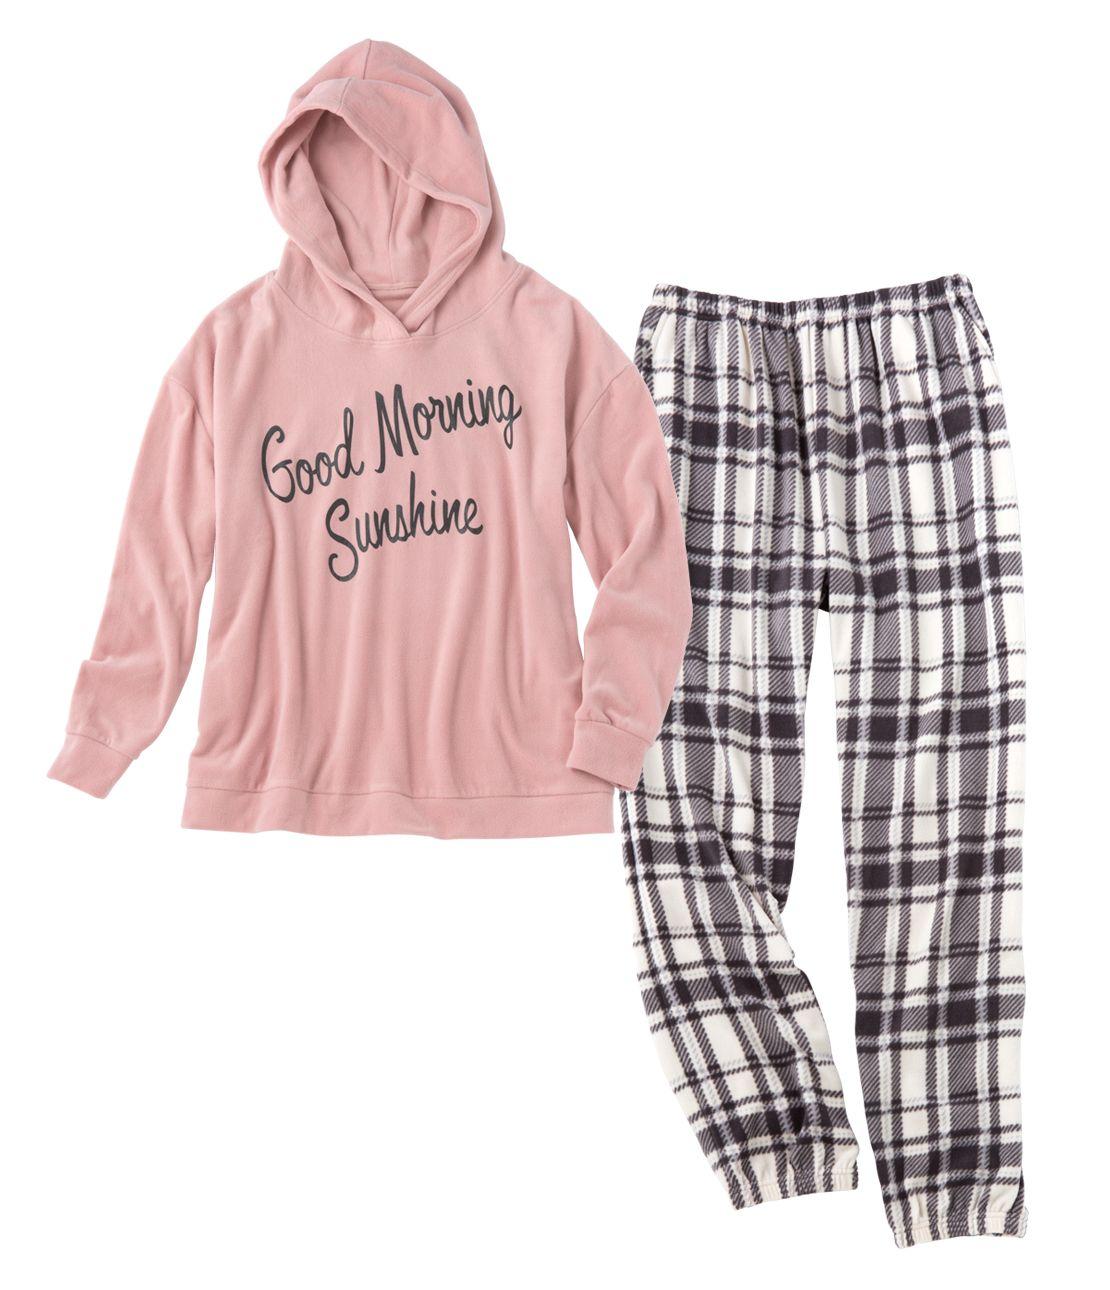 Stretch fleece hoody pajamas